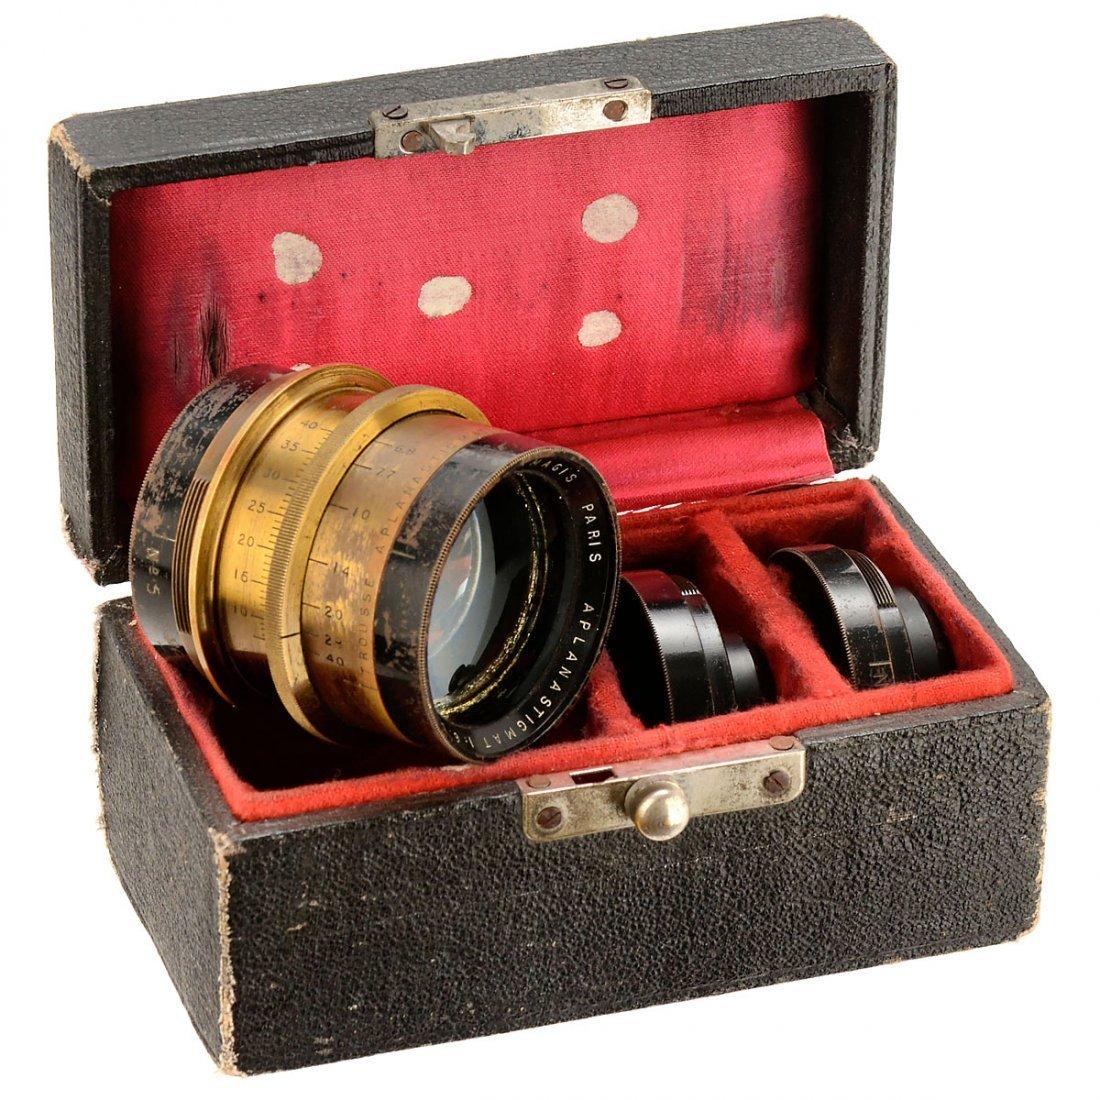 Hermagis Aplanastigmat No. 5 Convertible Lens, c. 1905